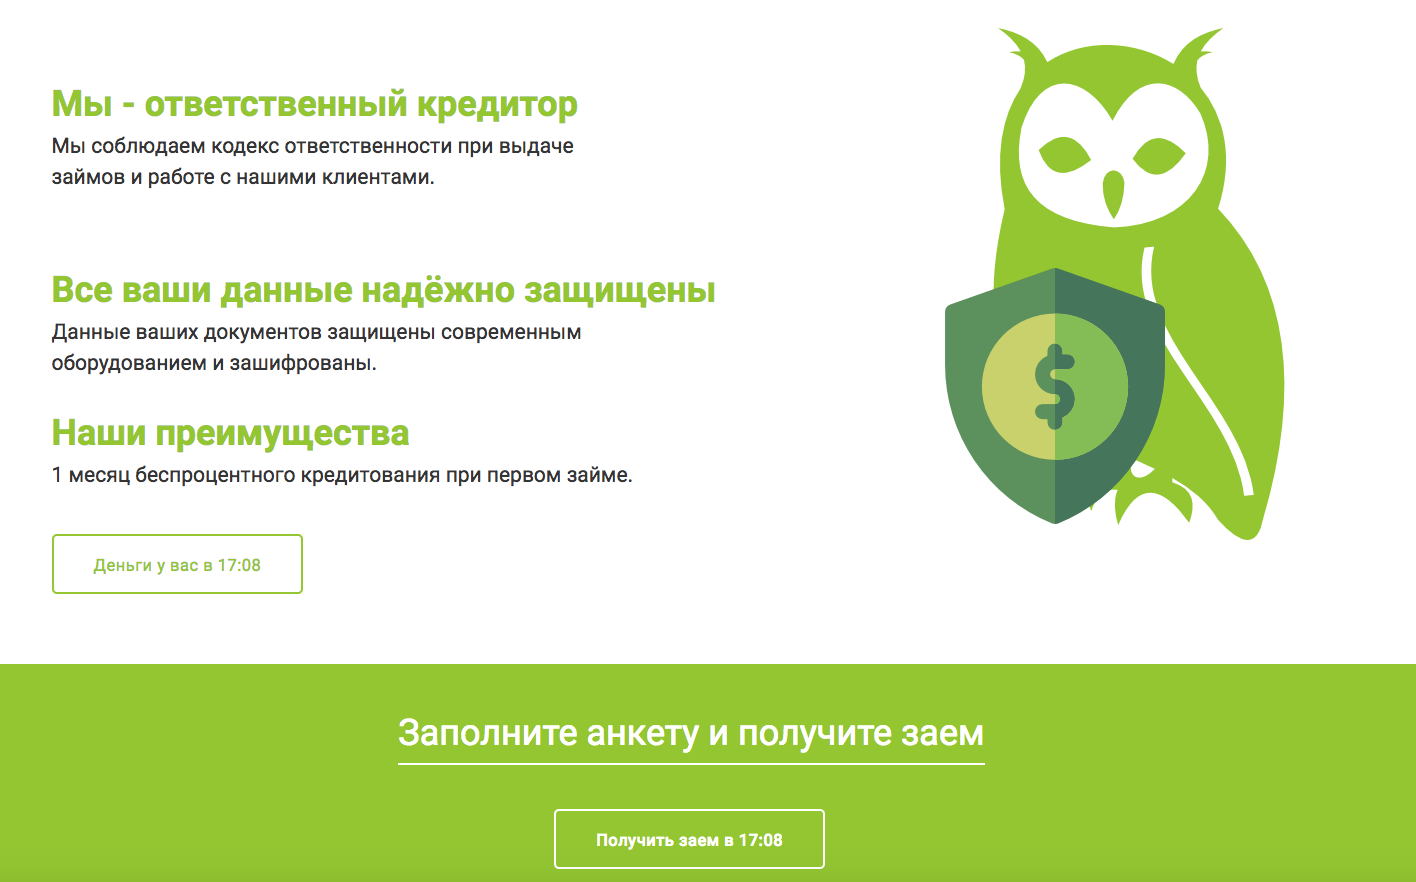 займ без процентов первый месяцзаймы которые дают абсолютно всем на карту украина